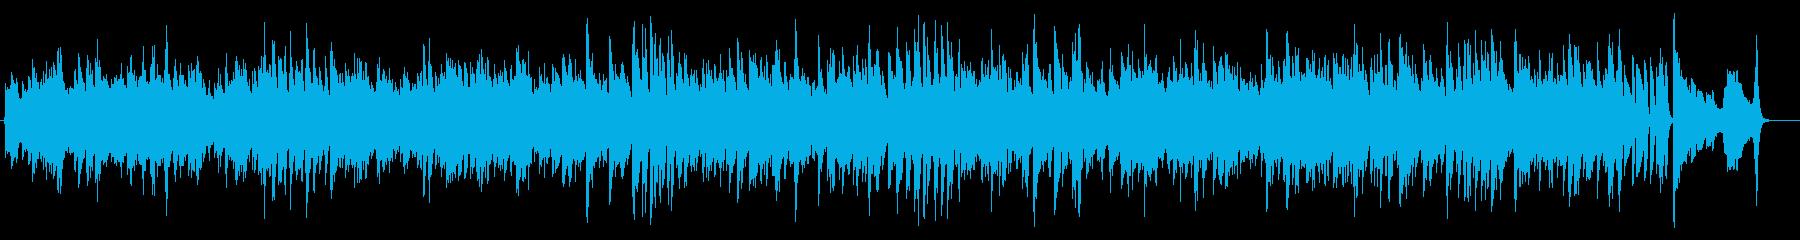 オーソドックスな4ビートの C ブルースの再生済みの波形